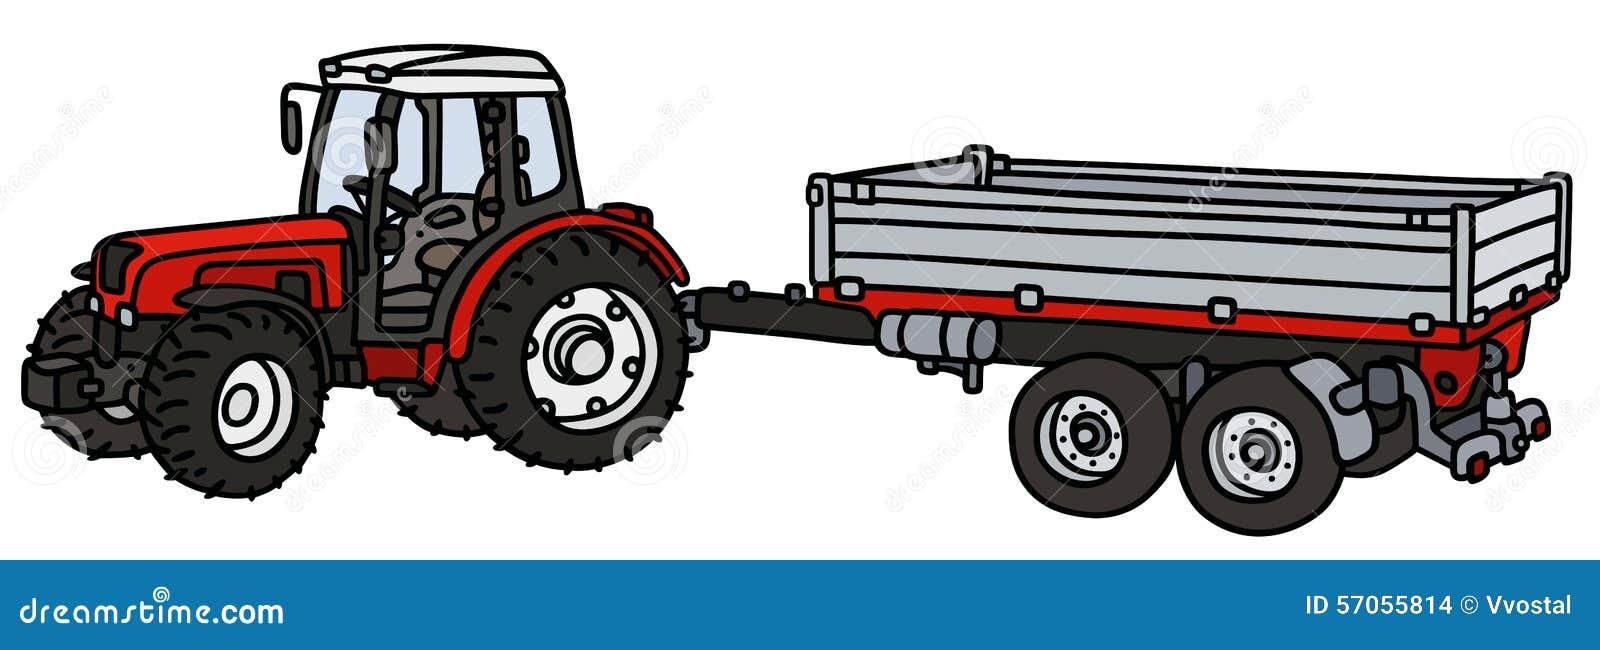 tracteur avec une remorque illustration de vecteur illustration du incliner 57055814. Black Bedroom Furniture Sets. Home Design Ideas